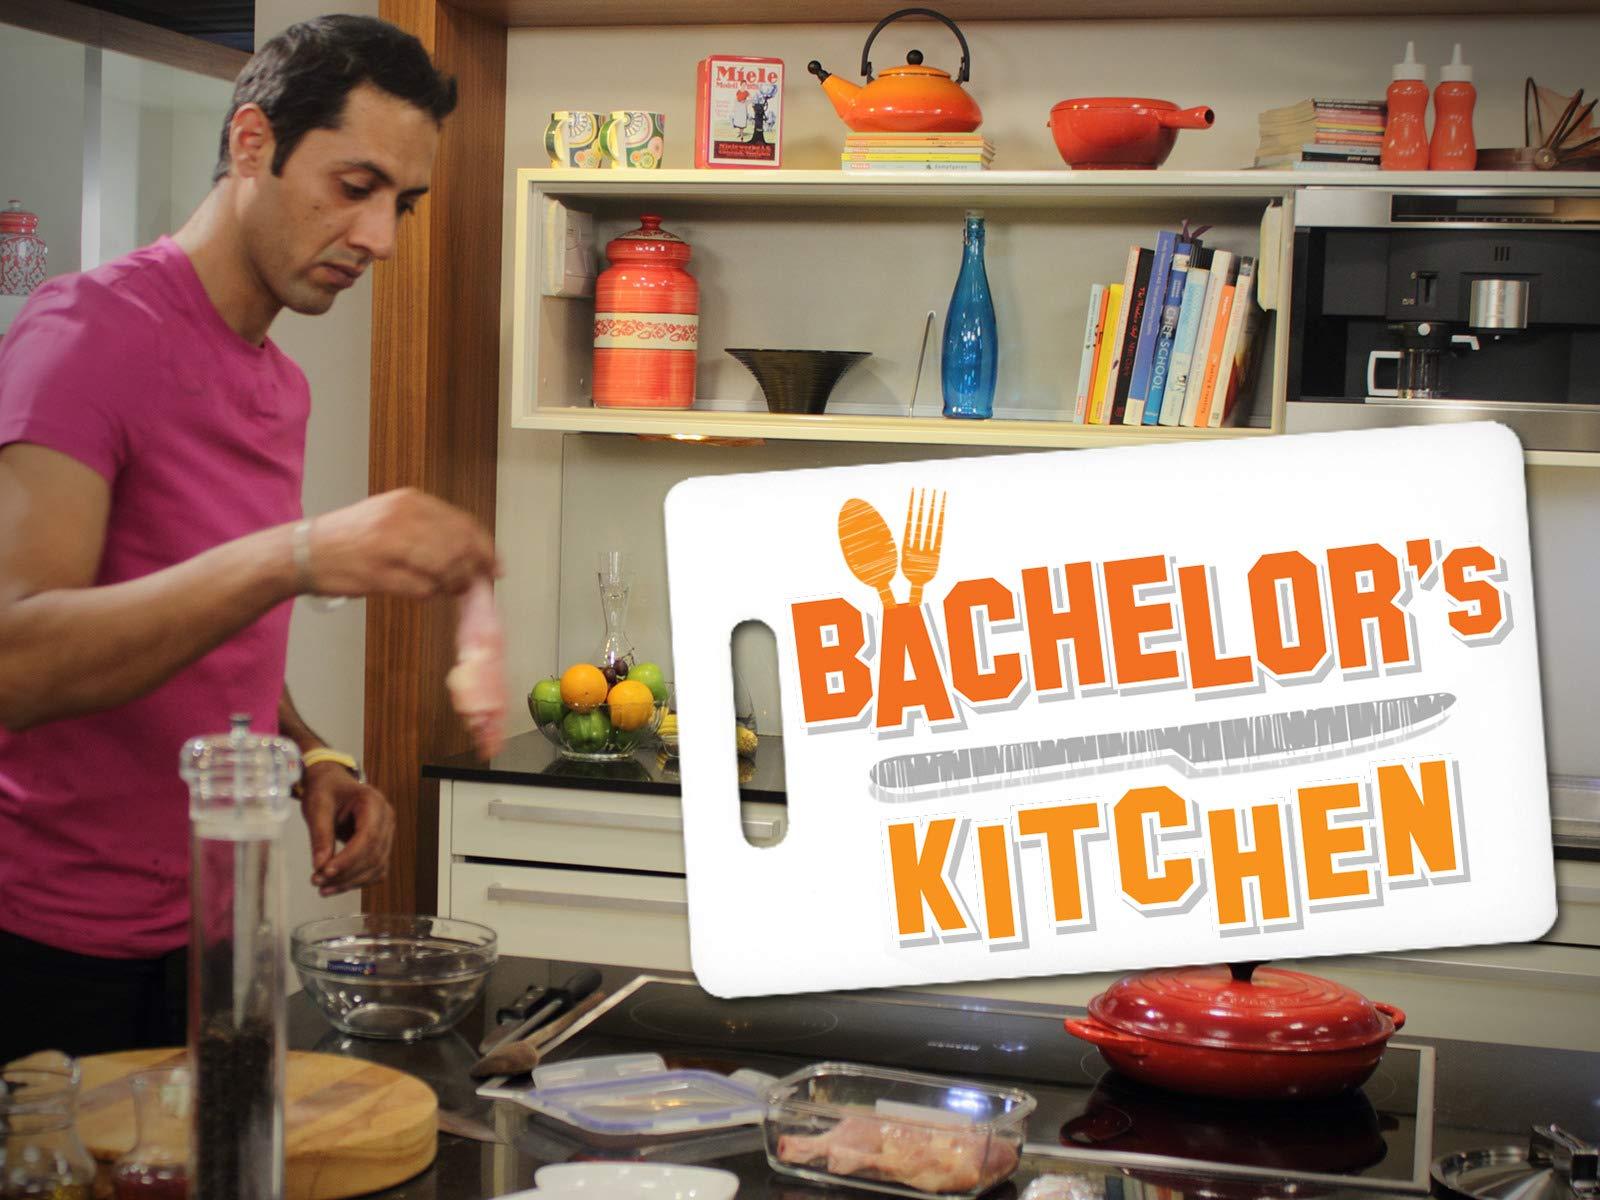 Bachelor's Kitchen - Season 1